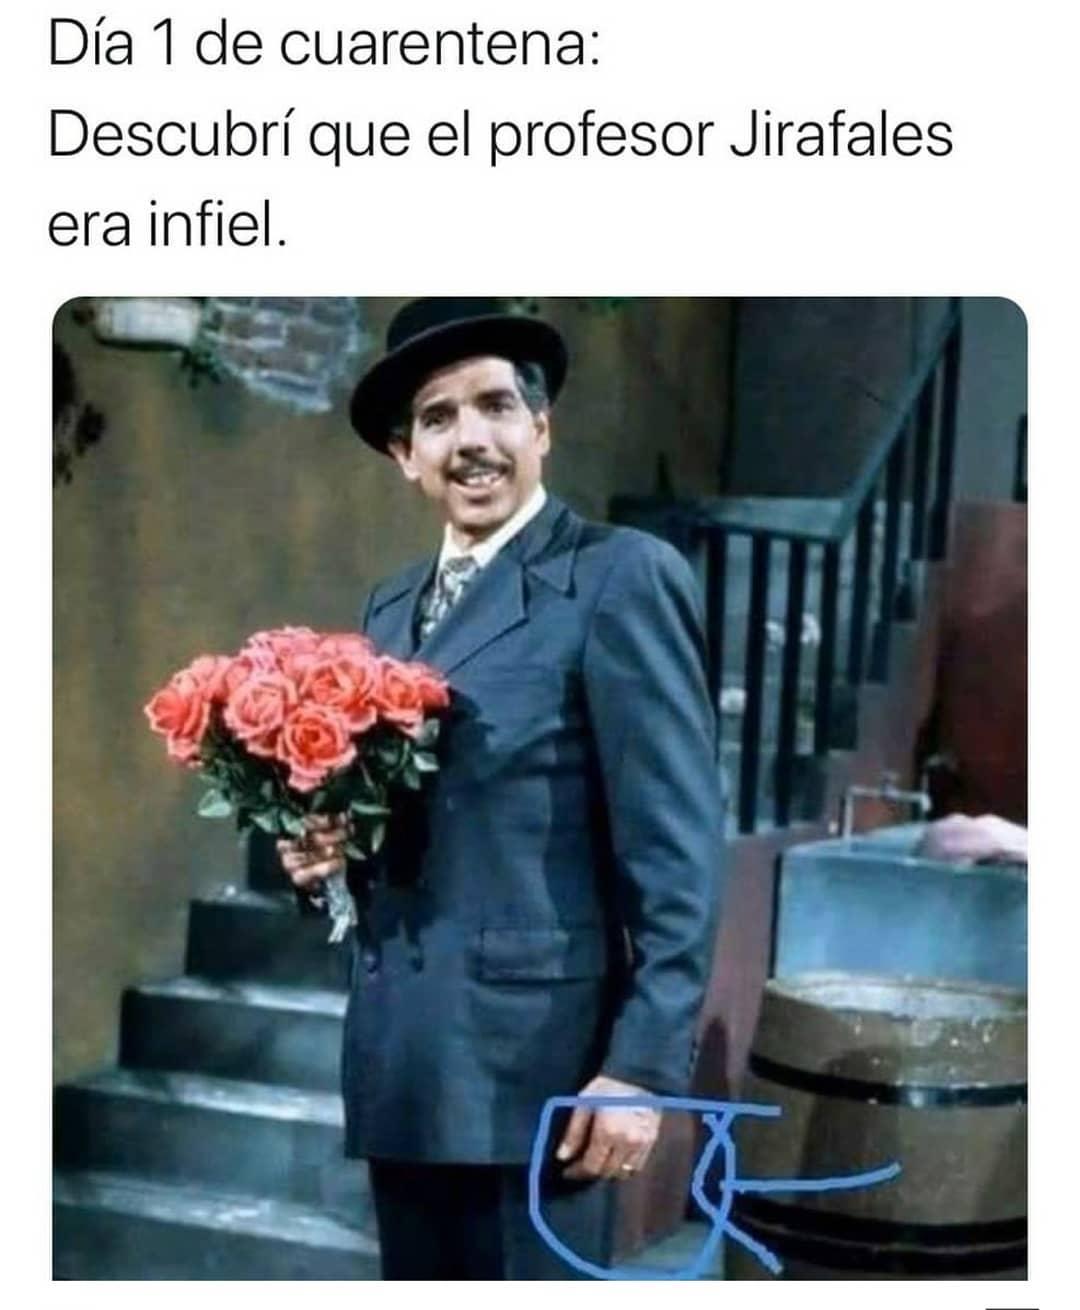 Día 1 de cuarentena:  Descubrí que el profesor Jirafales era infiel.